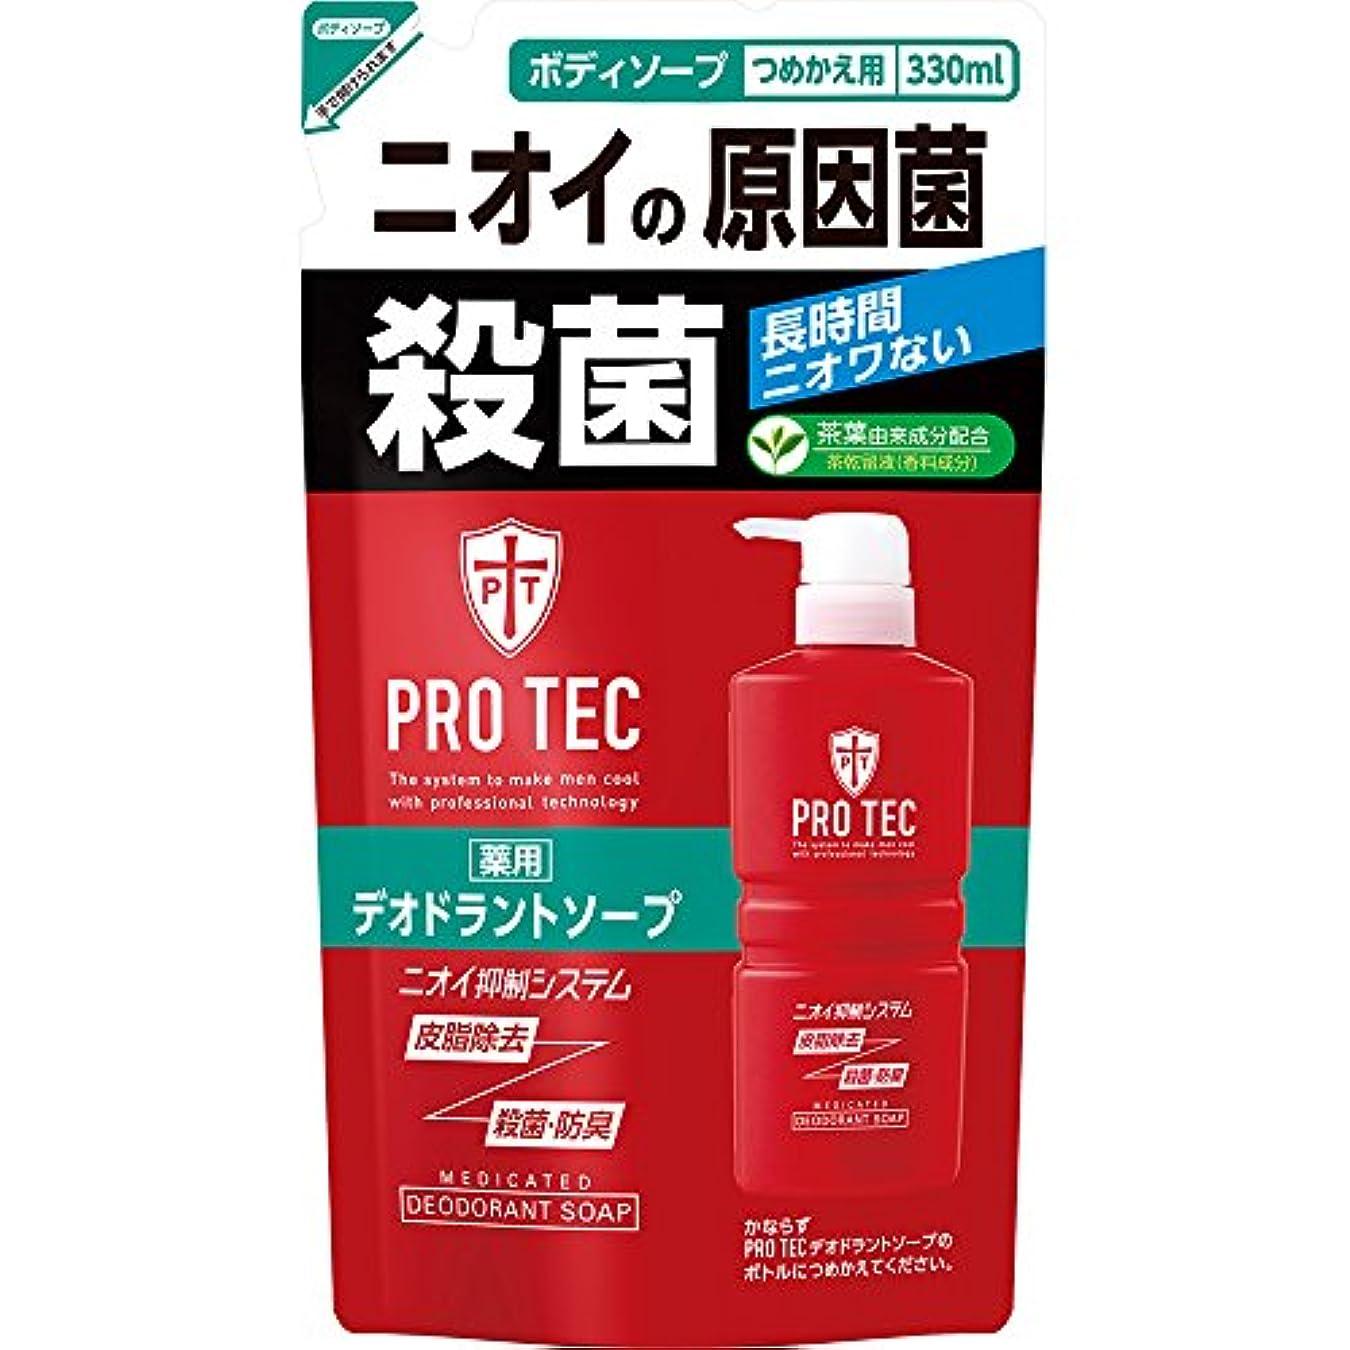 それから証明キャンペーンPRO TEC(プロテク) デオドラントソープ 詰め替え 330ml(医薬部外品)